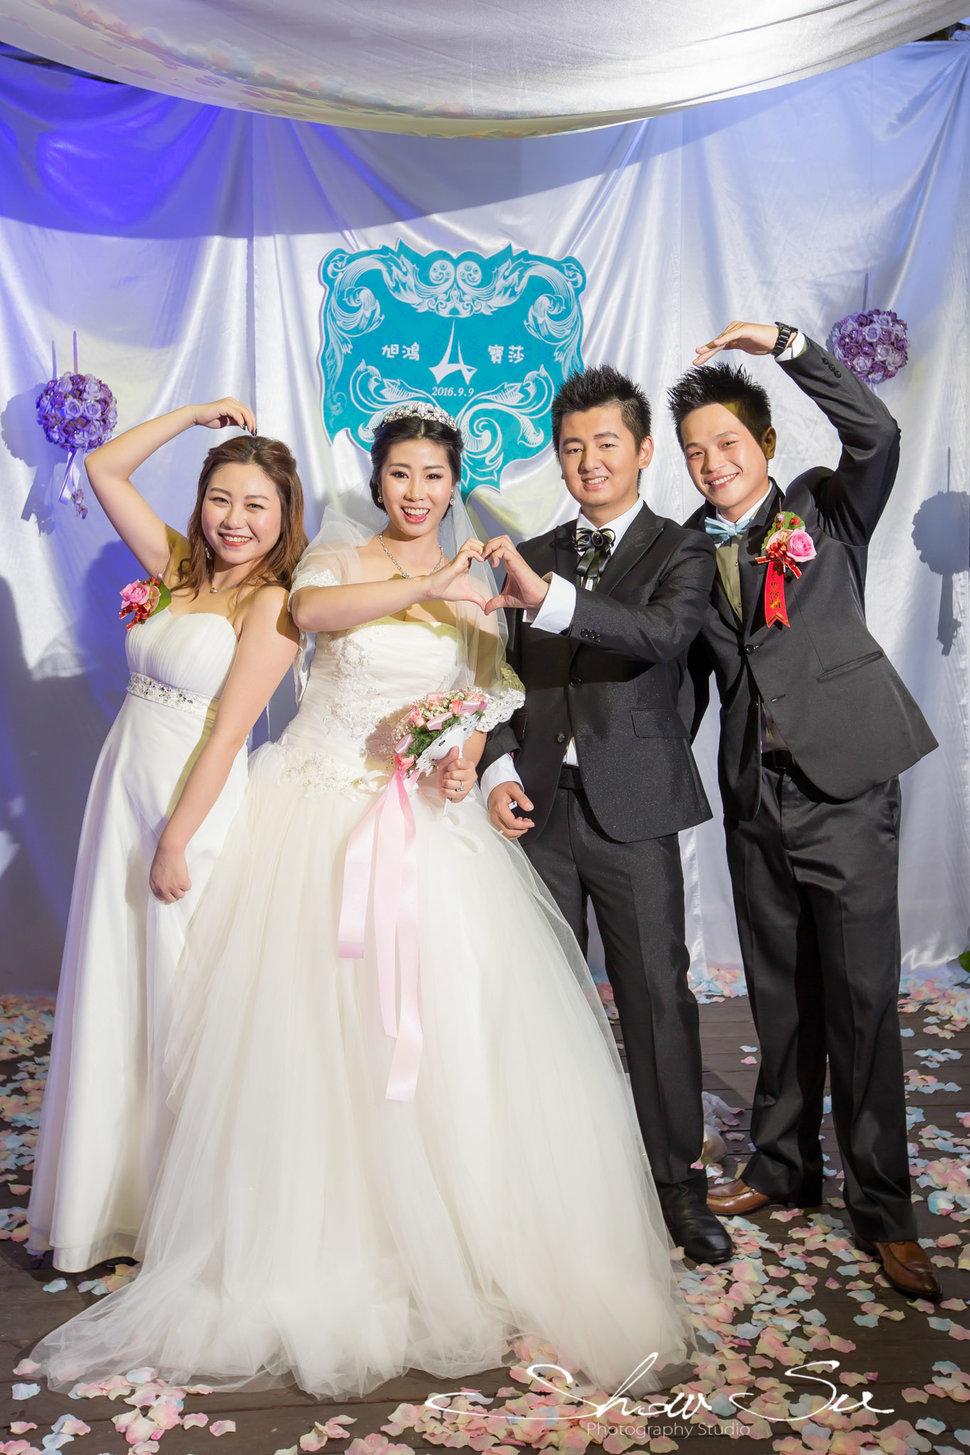 [婚攝] Leo & Carissa│桃園@響悅花園會館│婚禮紀錄(編號:549926) - Show Su Photography《結婚吧》